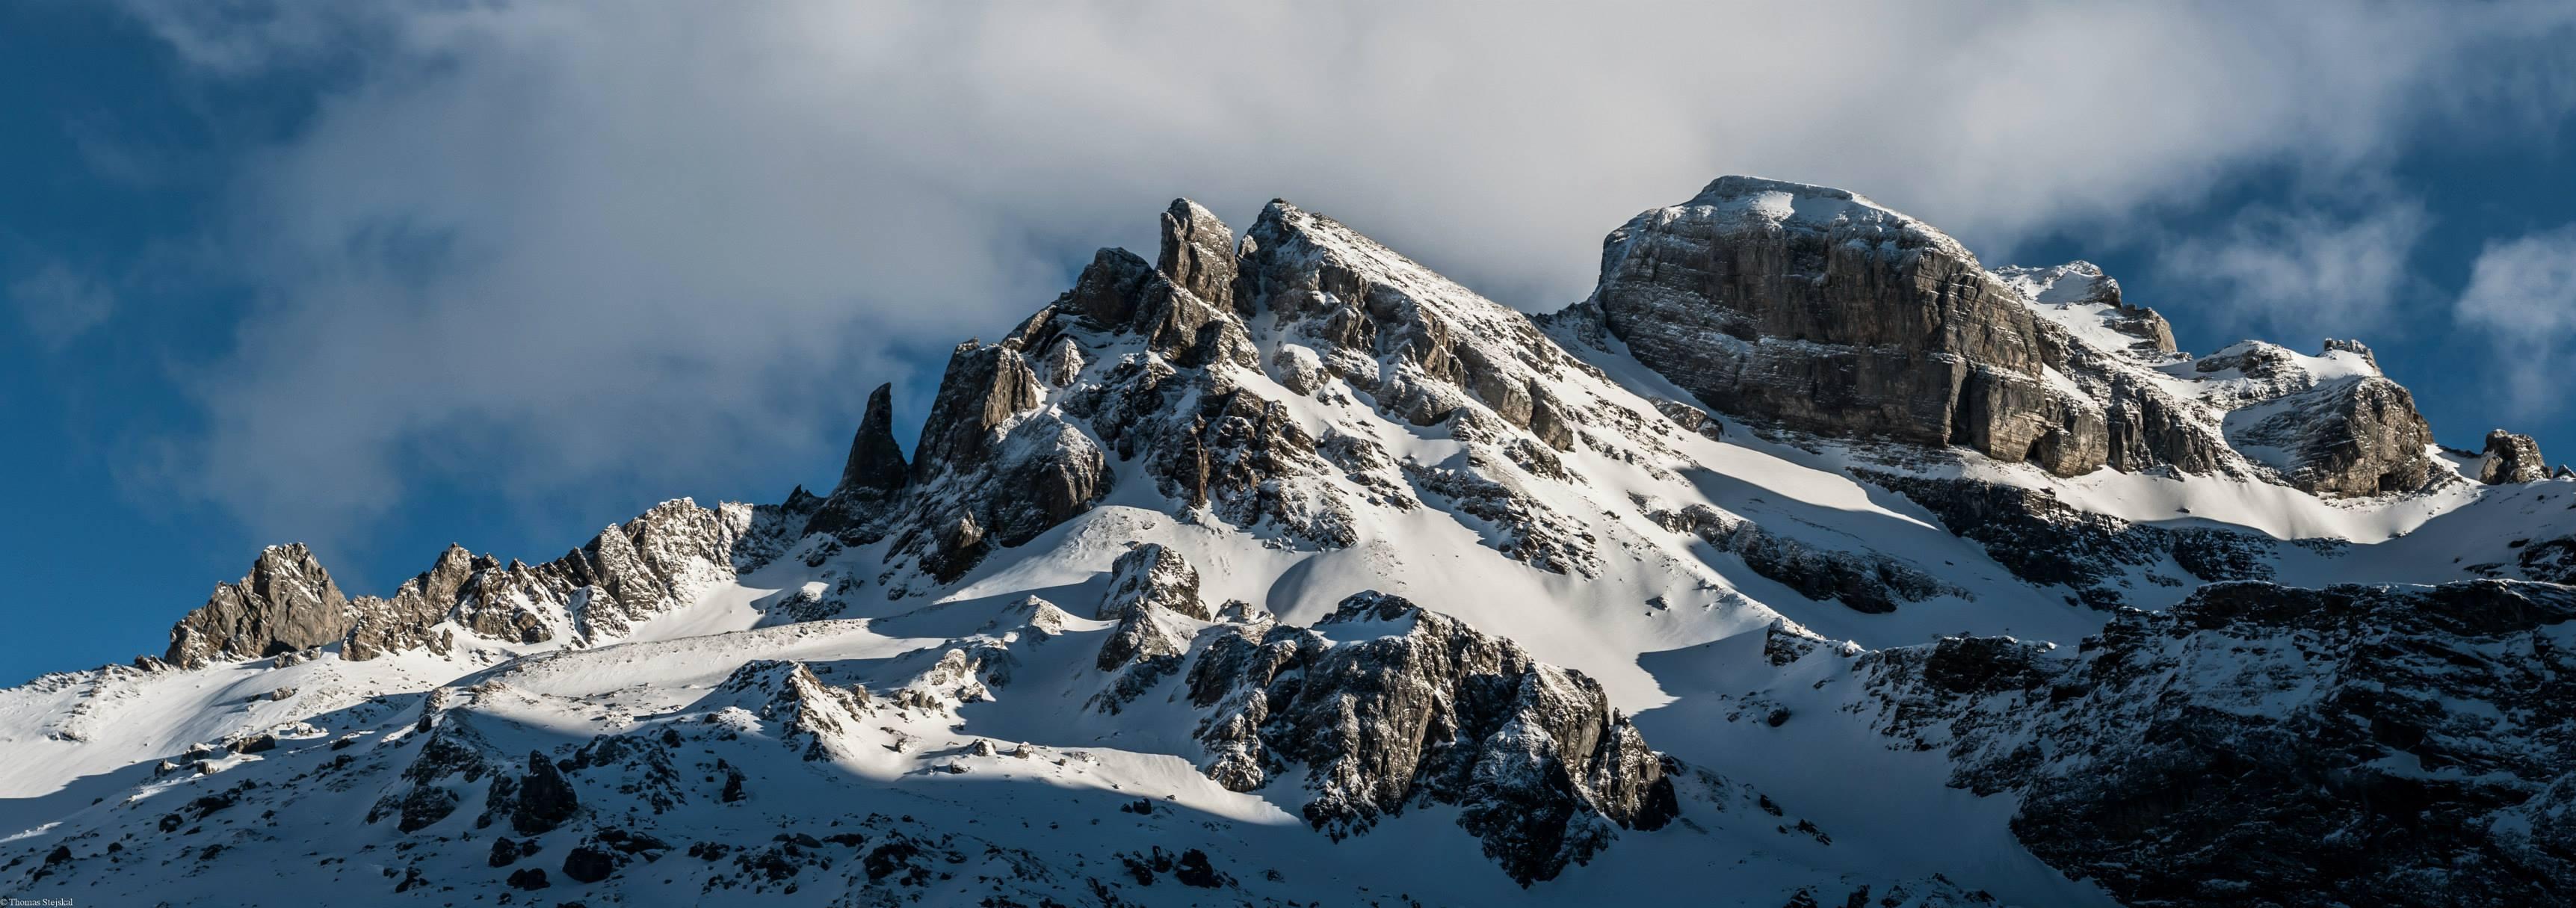 Bergpanorama Bannalp Winter